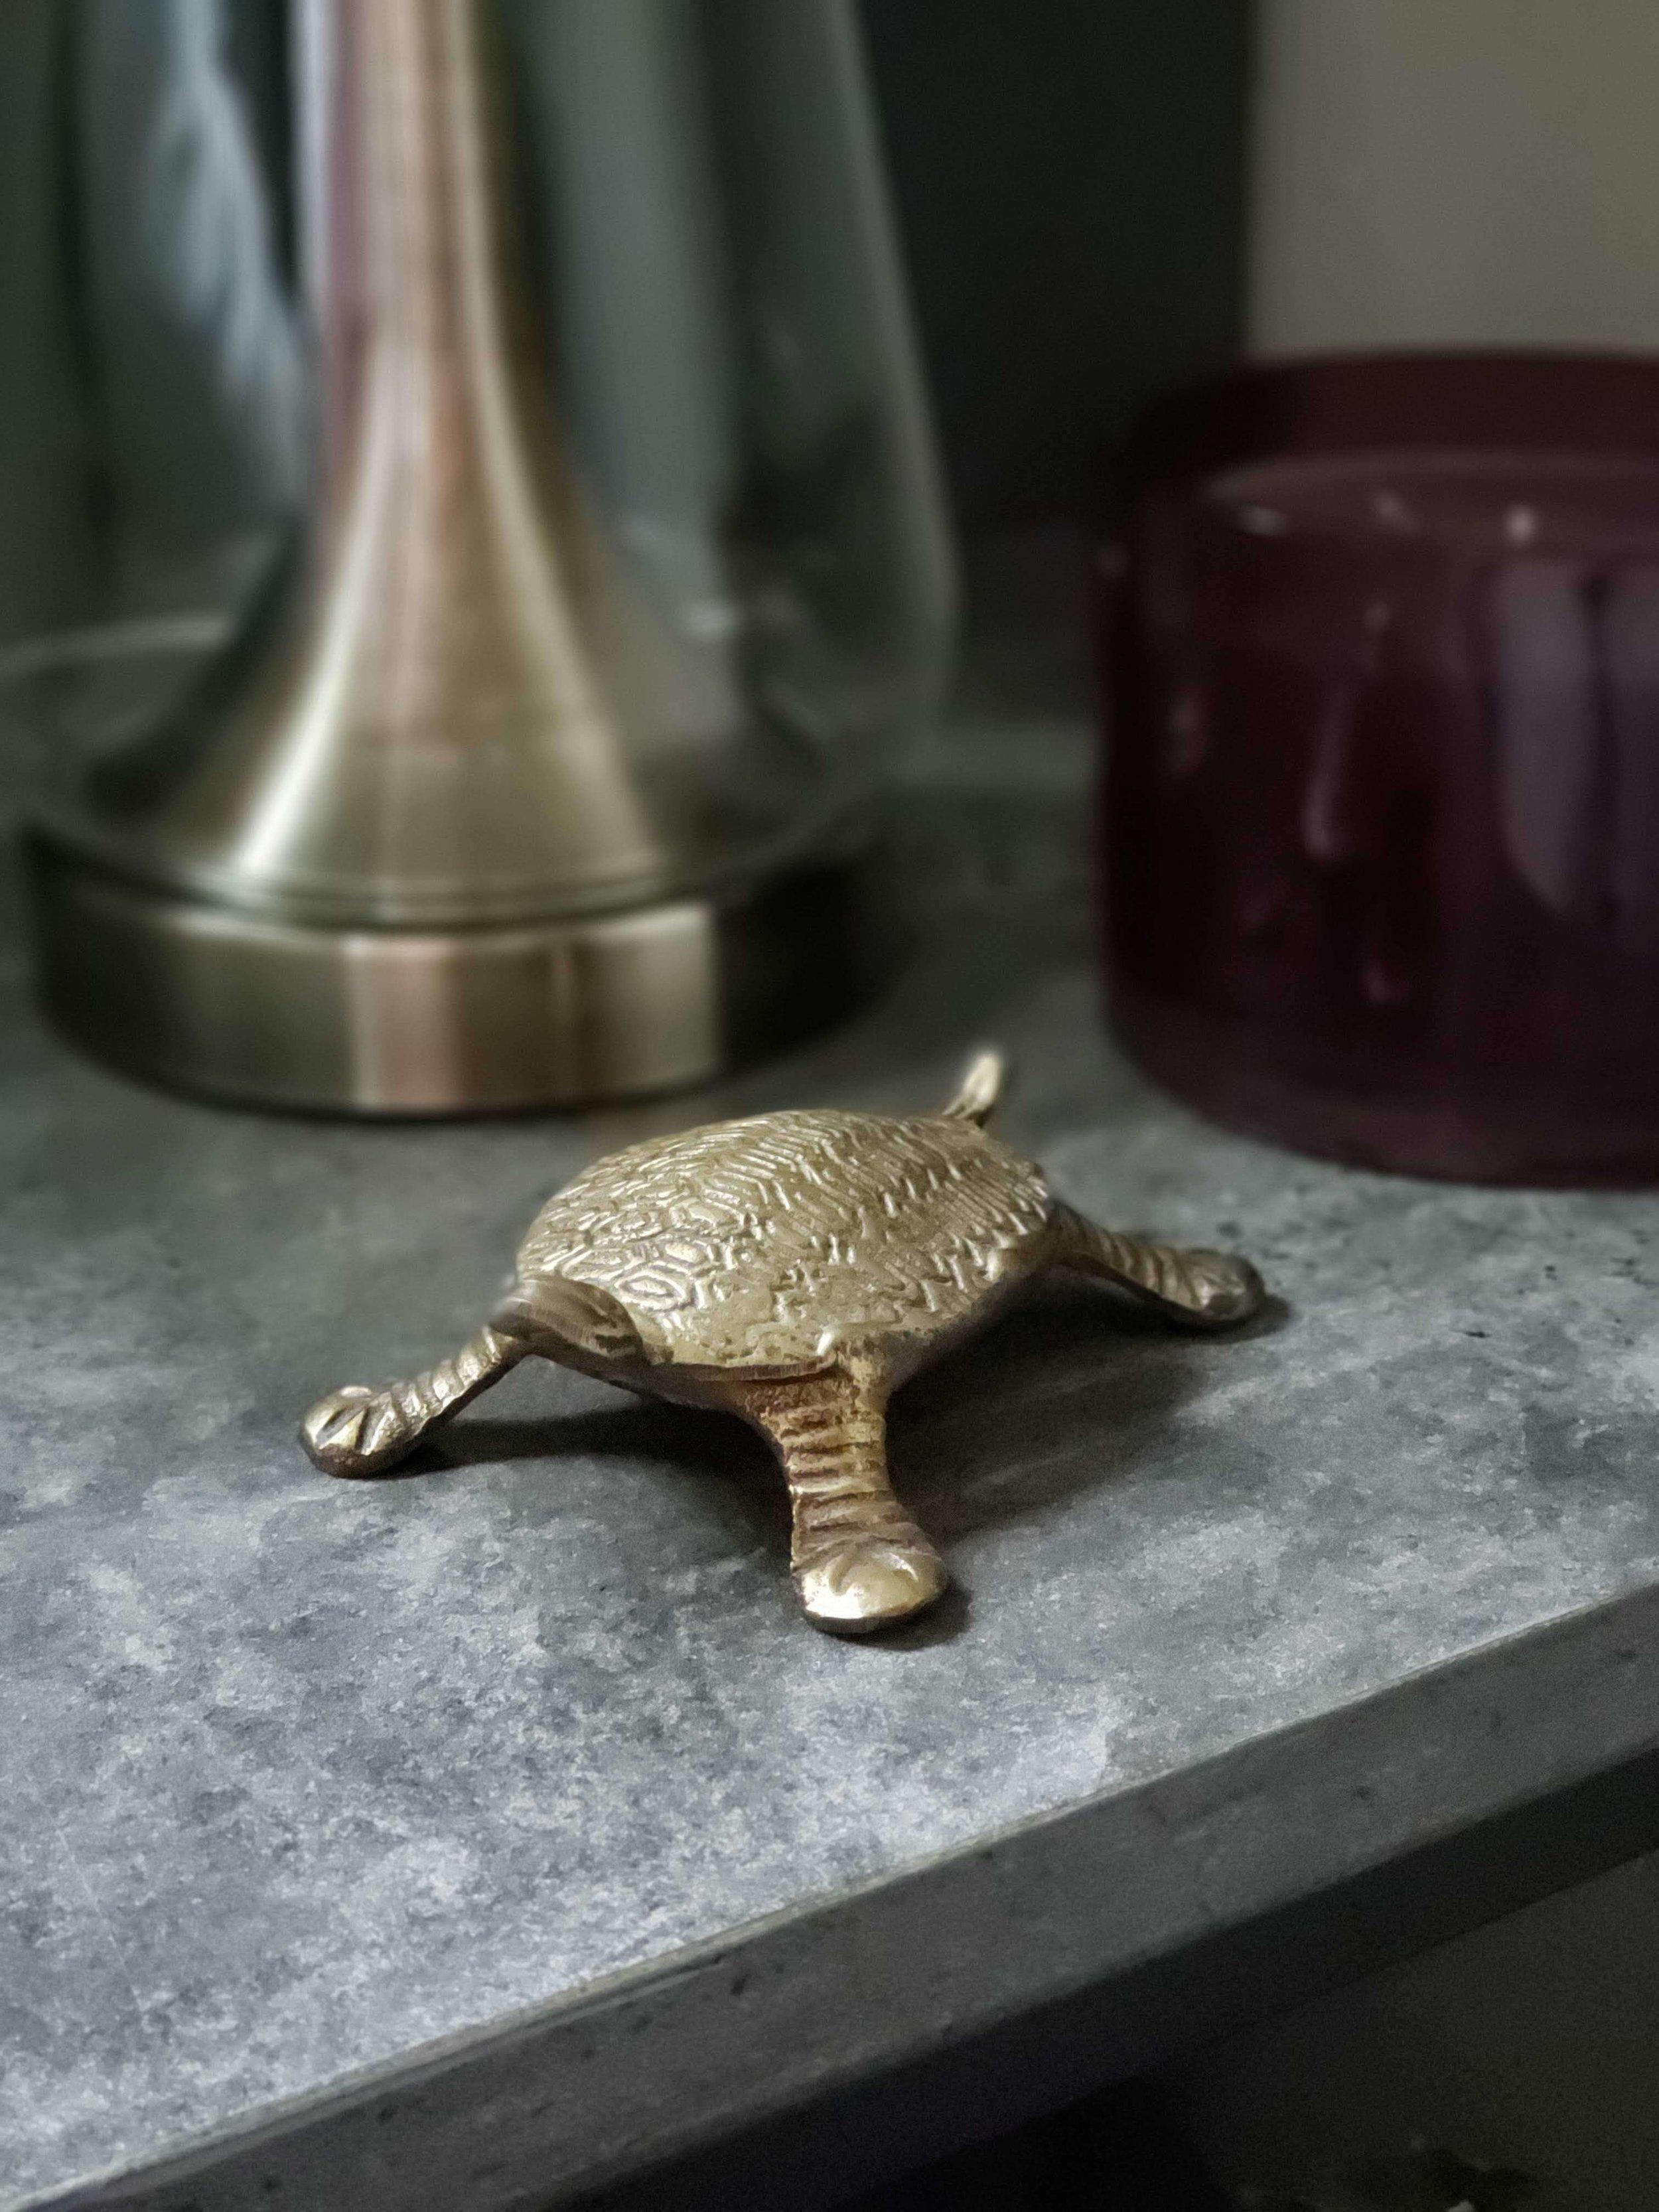 Boho Bedroom Bed Black Metal Nightstand Brass Turtle Fall 2018 One Room Challenge.jpg